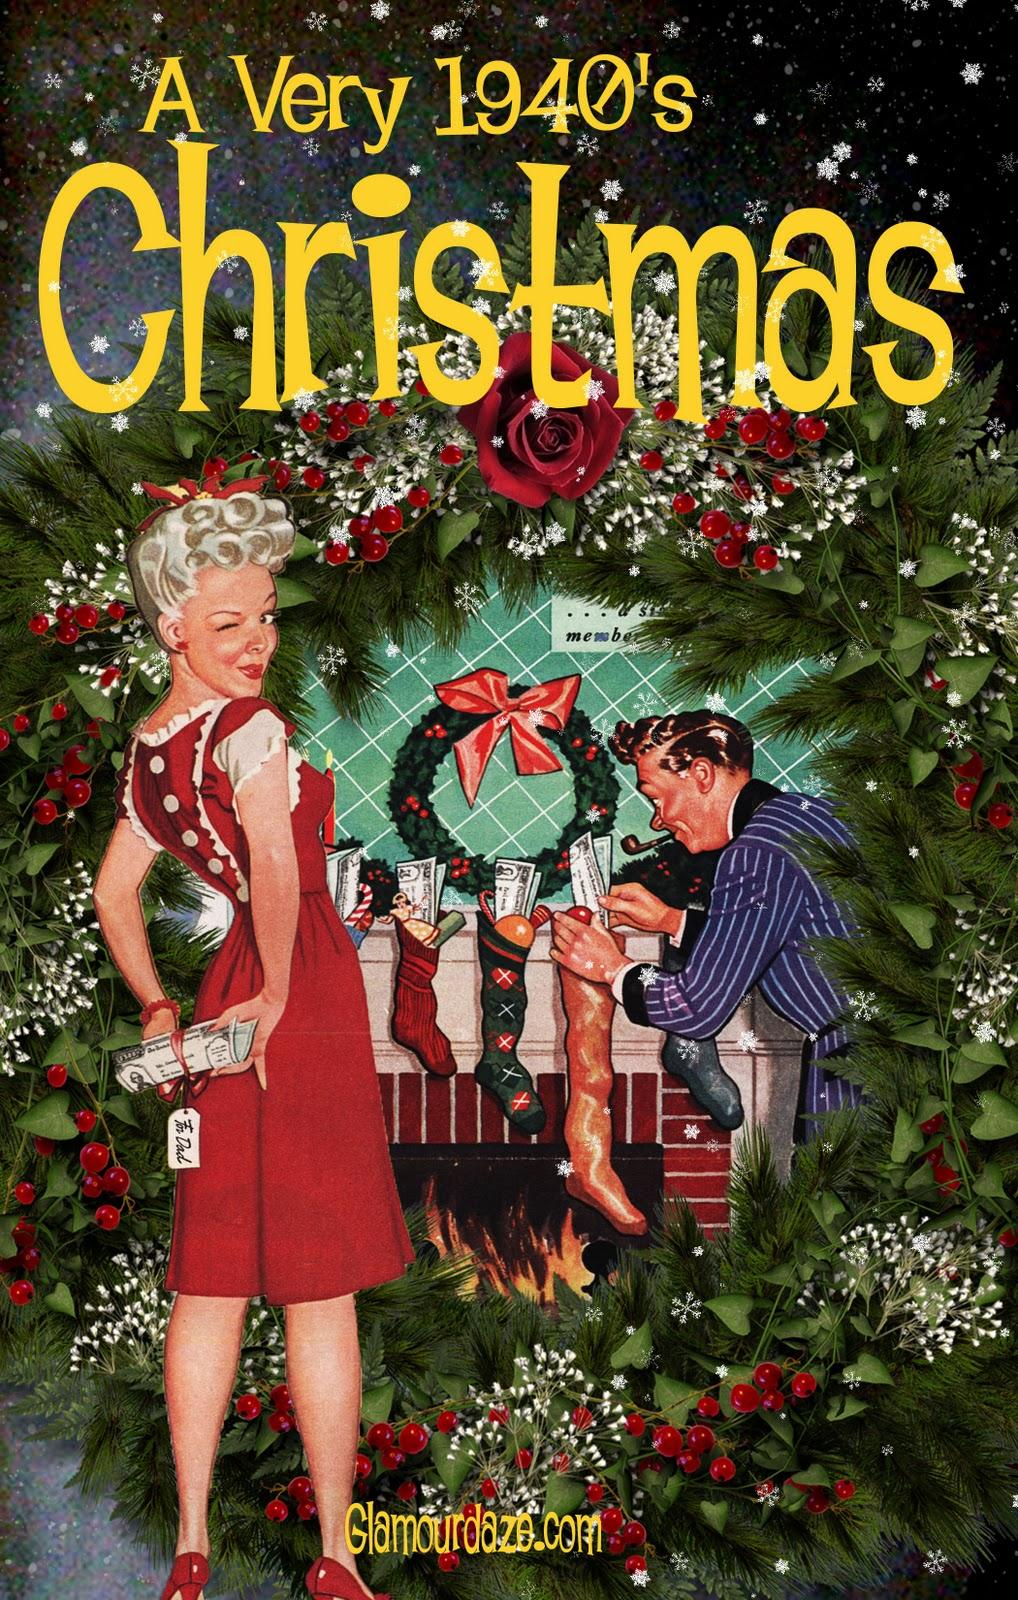 Free Printable Vintage Christmas Card | Glamour Daze